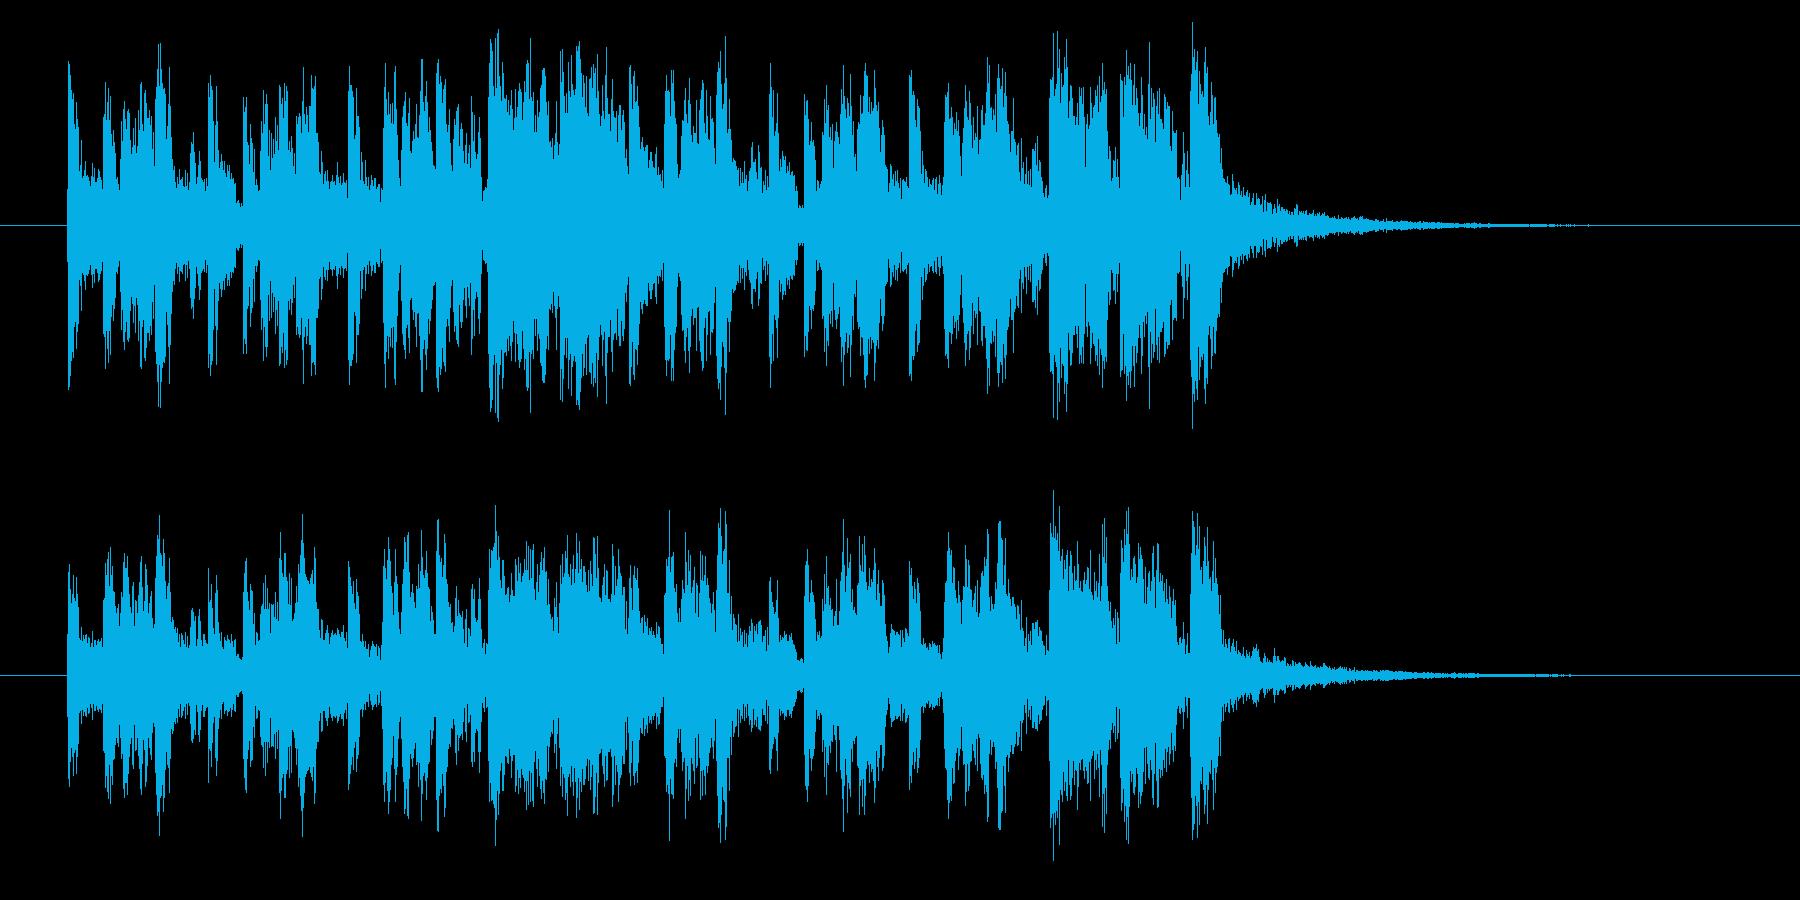 シンセサイザー主体のフュージョンポップスの再生済みの波形